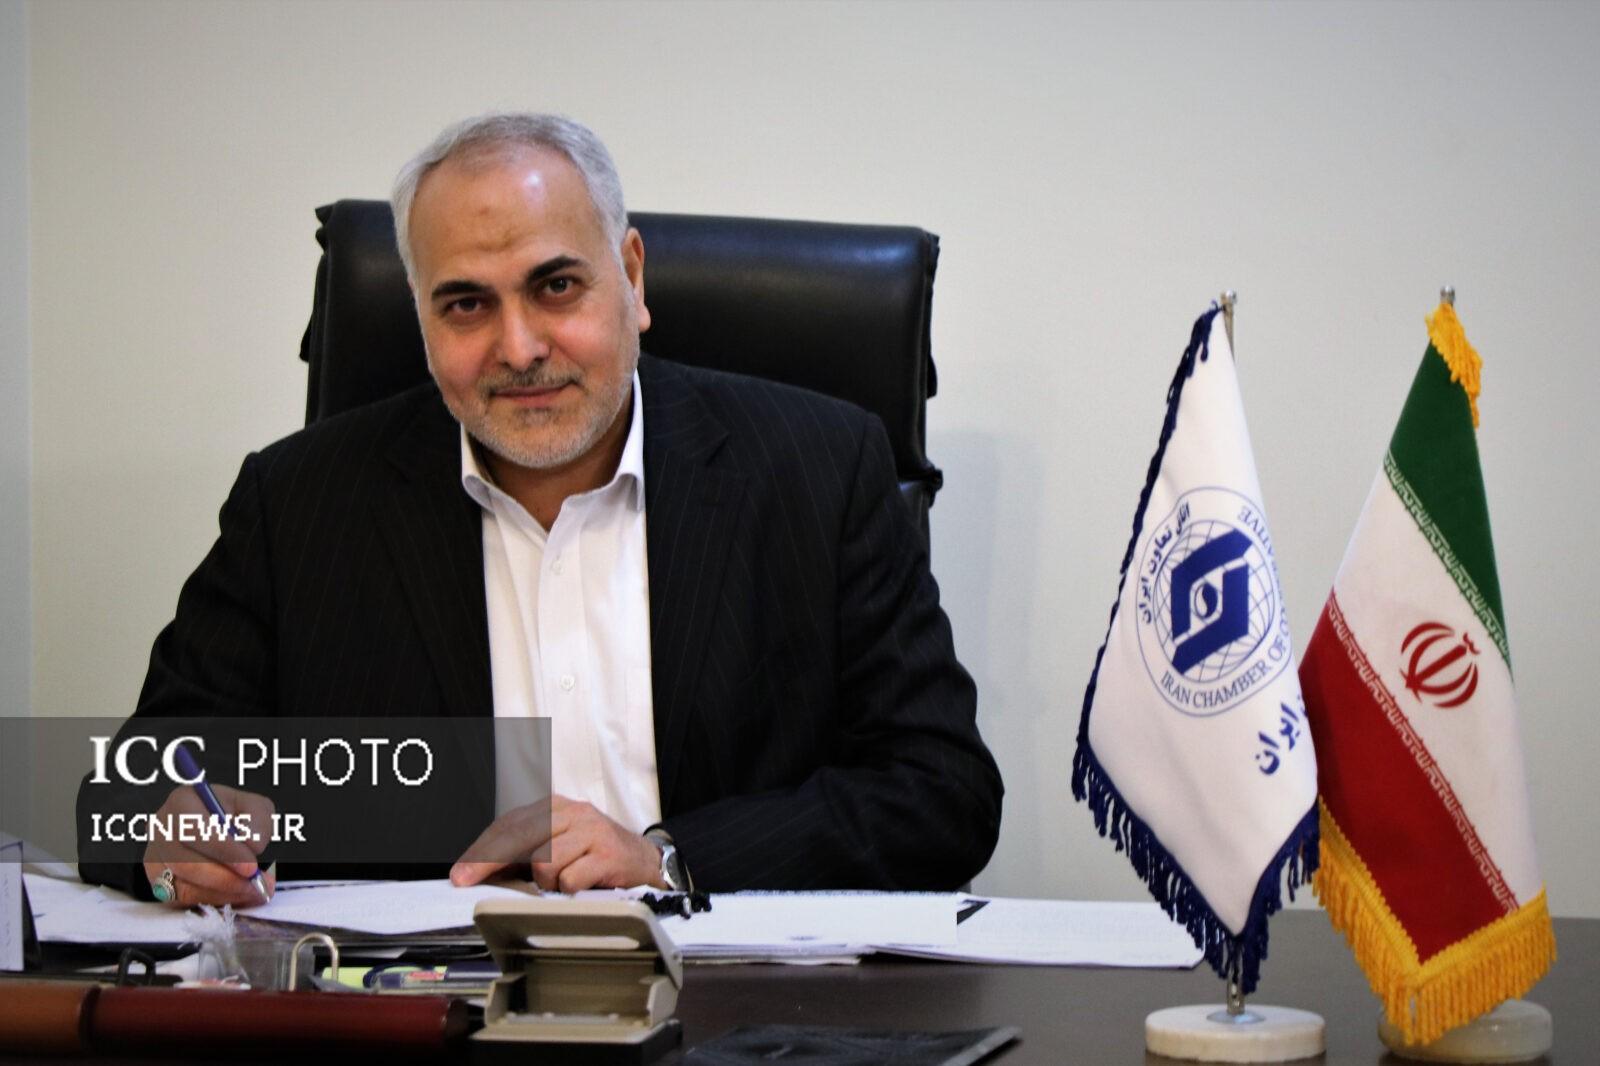 برنامه های مرکز داوری اتاق تعاون ایران برای سال 97 اعلام شد